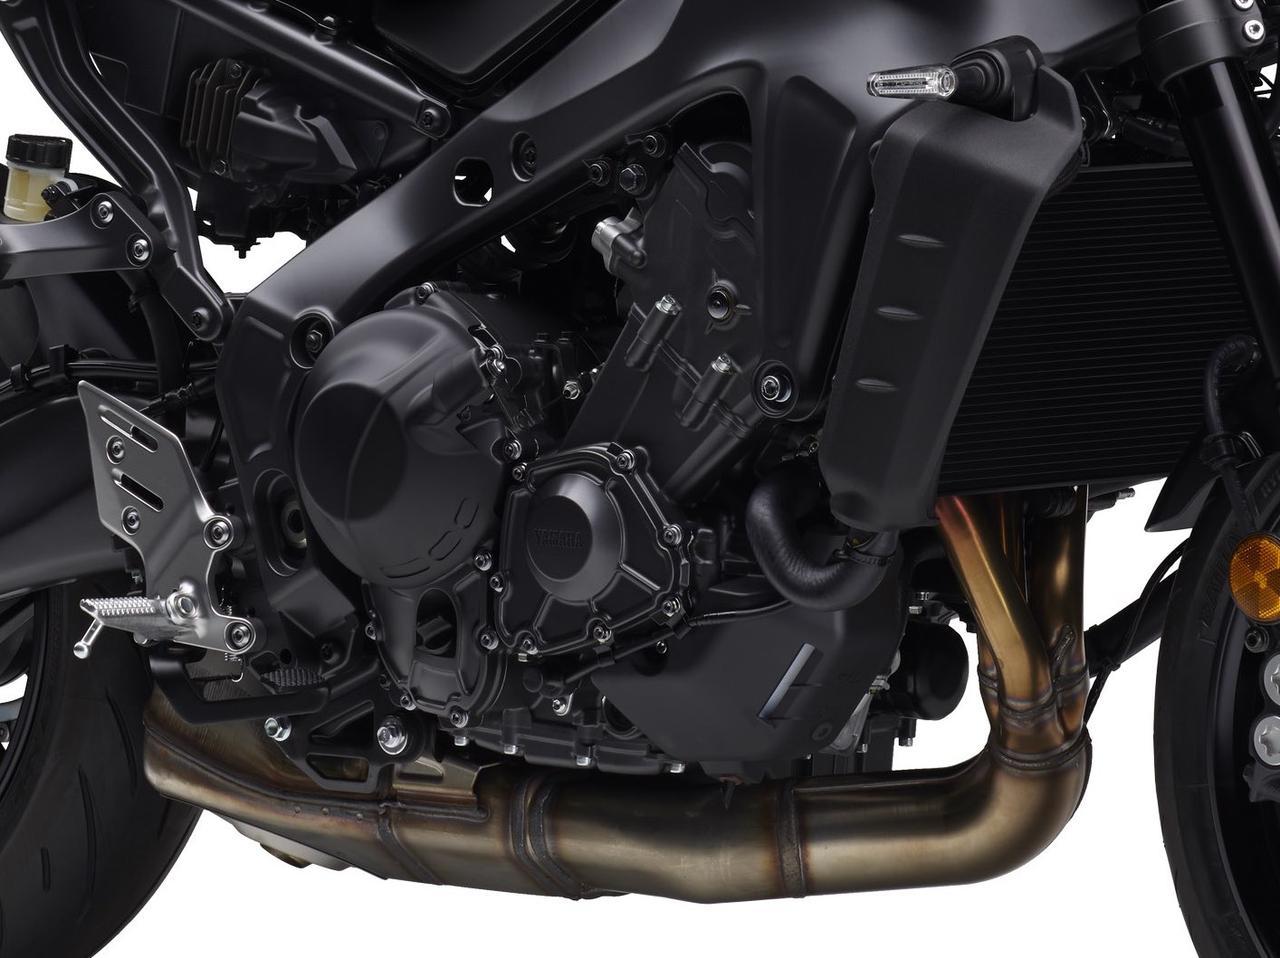 画像1: ヤマハ新型「MT-09 ABS」シリーズの特徴